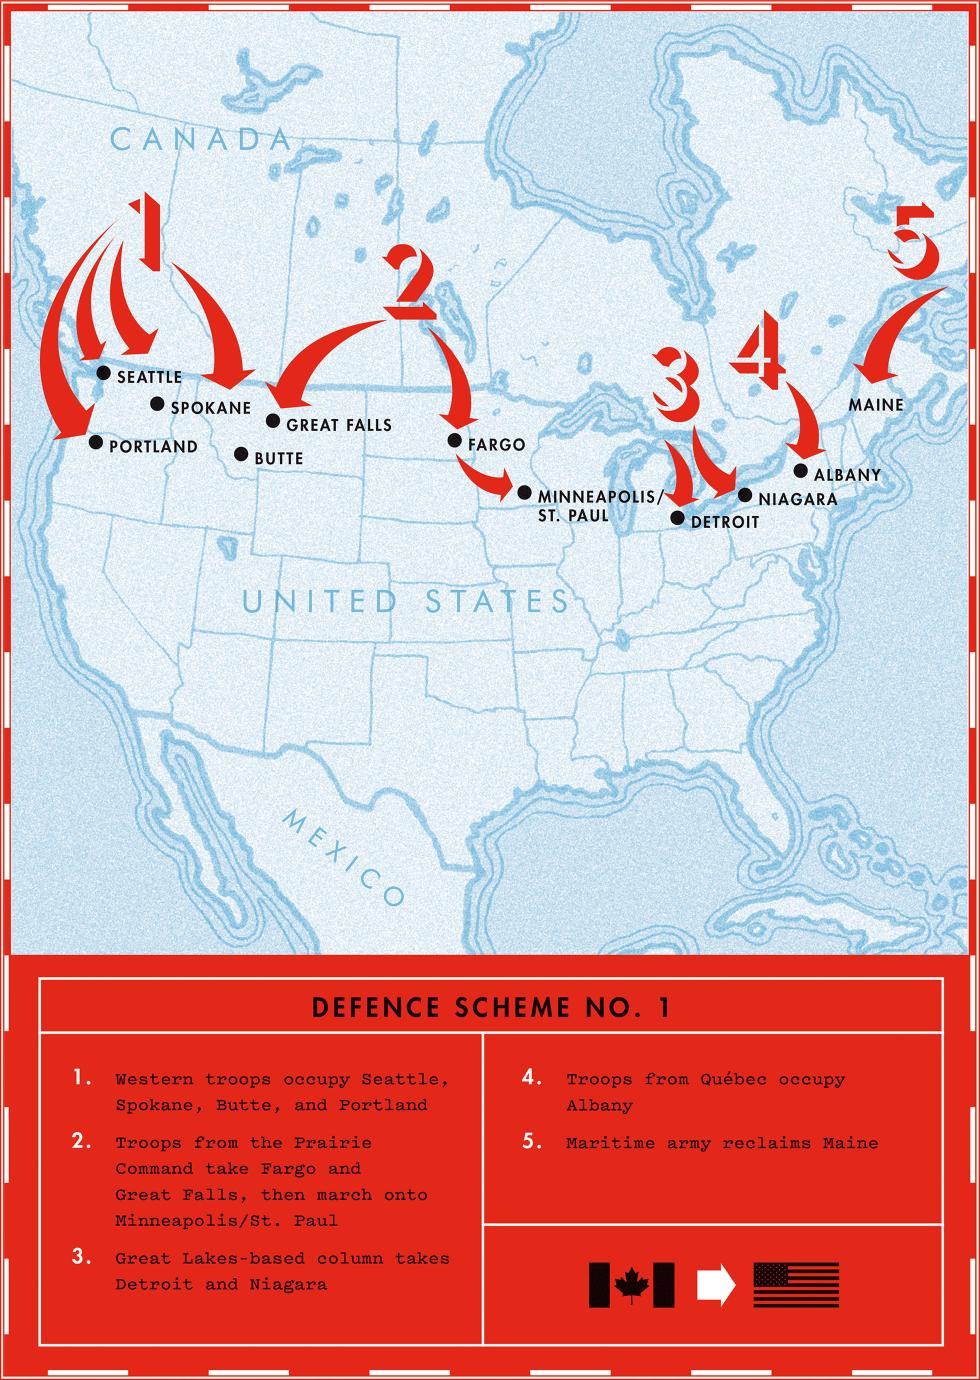 Canada\'s secret plan to invade the U.S., circa 1921 - Big Think